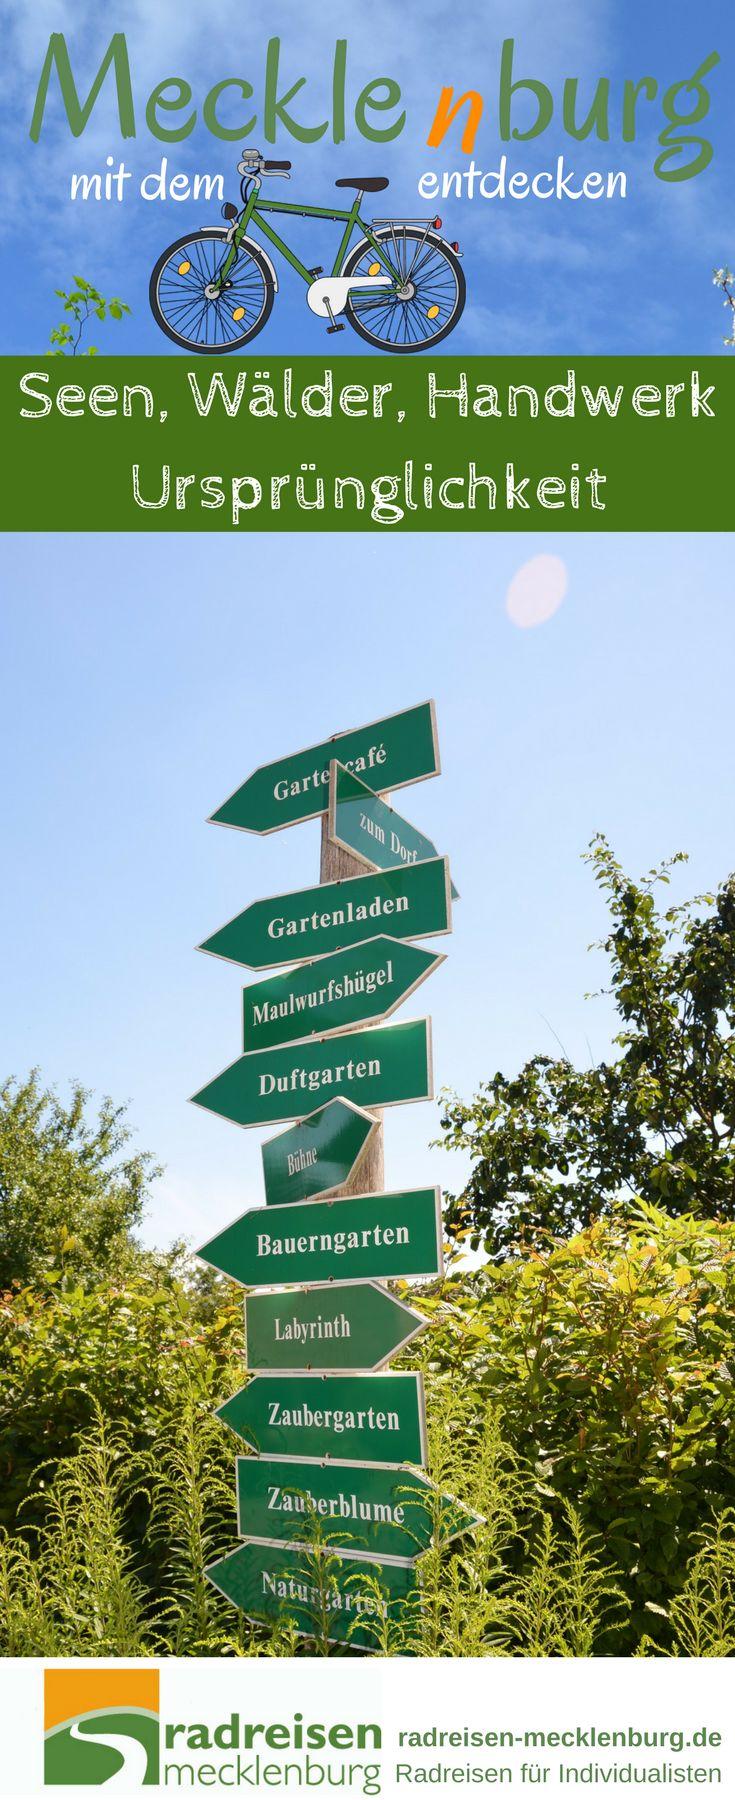 """Lassen Sie sich von den Wäldern des #Müritz-#Nationalparks, den wunderschön gelegenen Seen und den weitläufigen Feldern und Wiesen gefangen nehmen! """"Erfahren"""" Sie kleine Museen und Stätten mecklenburgischer Handwerkstraditionen. Sie erleben bei dieser #Radrundreise die lebendigen Zentren der Seenplatte, aber auch das stille und eher unbekannte #Mecklenburg. Freuen Sie sich auf eine überaus abwechslungsreiche Tour!"""